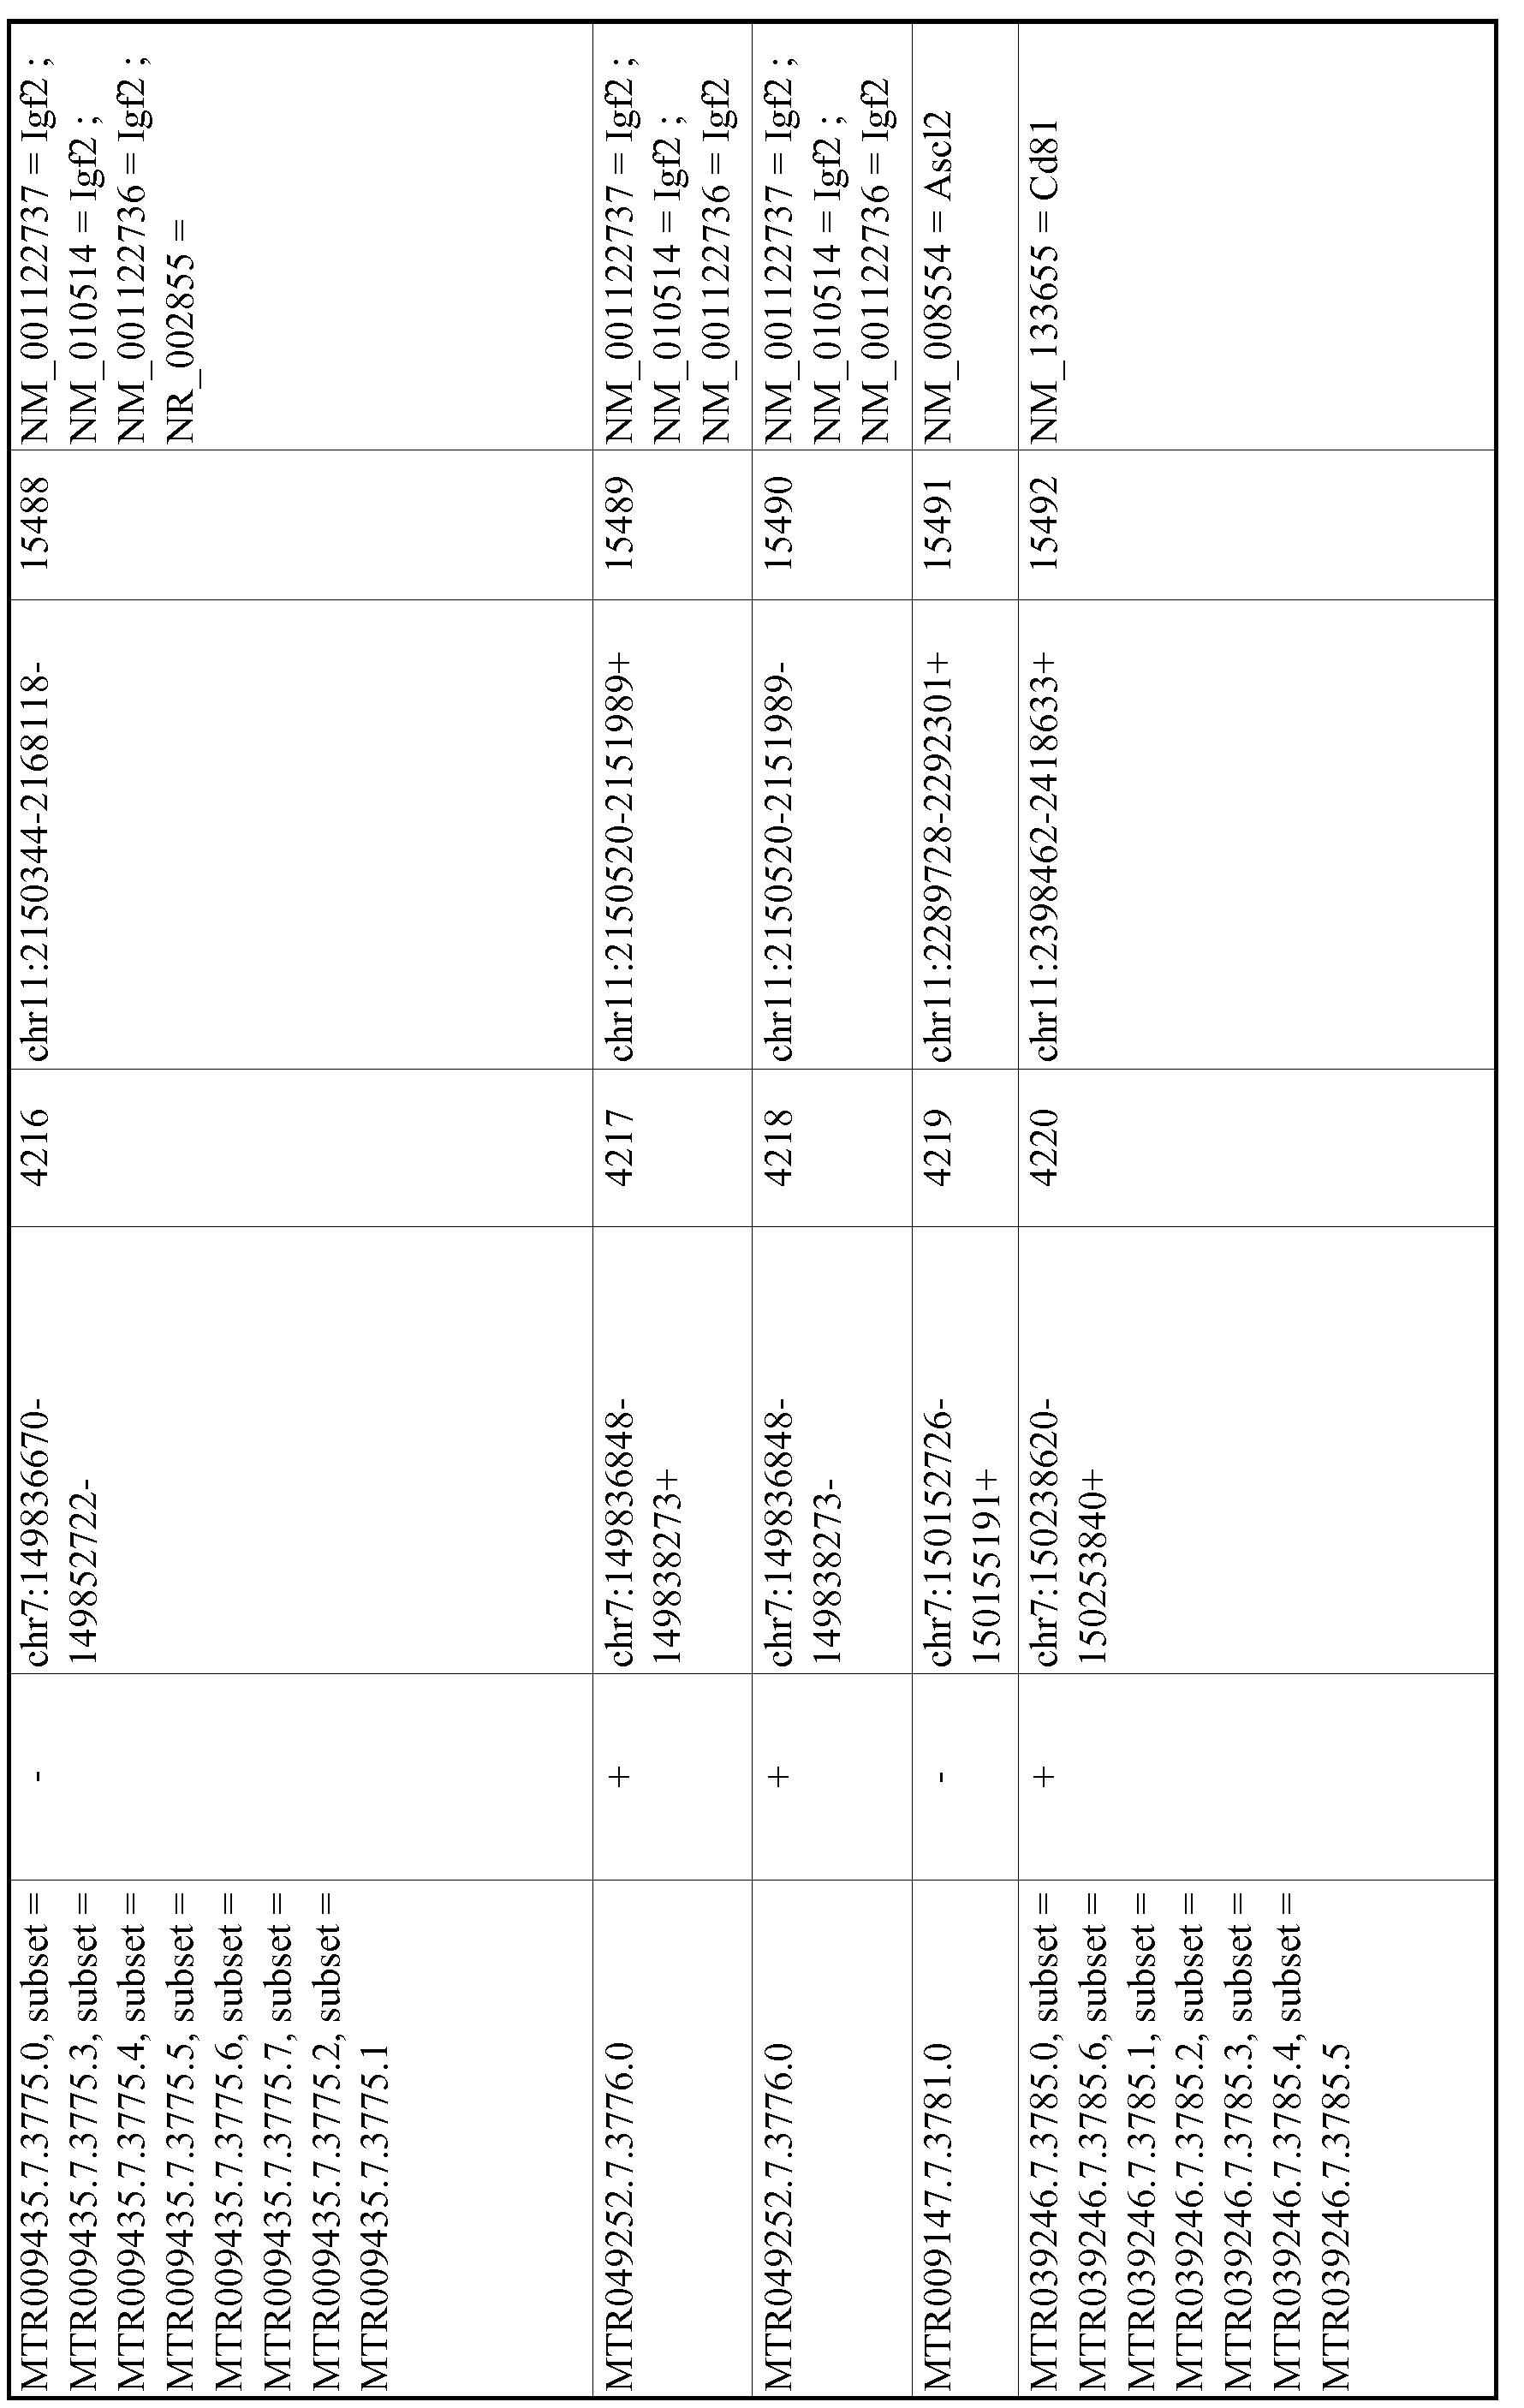 Figure imgf000801_0001